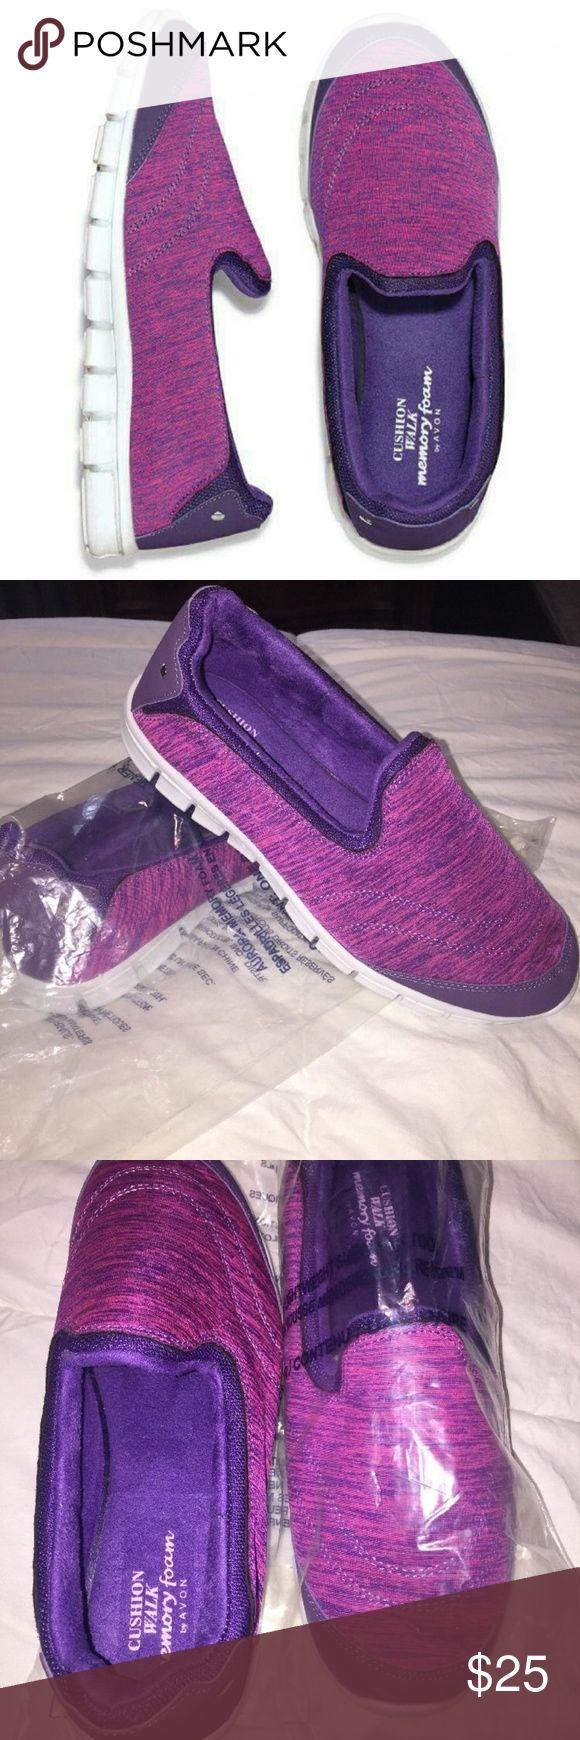 AVON CUSHION WALKER PURPLE SLIP ON SNEAKERS BRAND NEW IN PACKAGE! PURPLE MEMORY FOAM LIGHT WEIGHT SNEAKERS. SIZE 9 Avon Shoes Sneakers